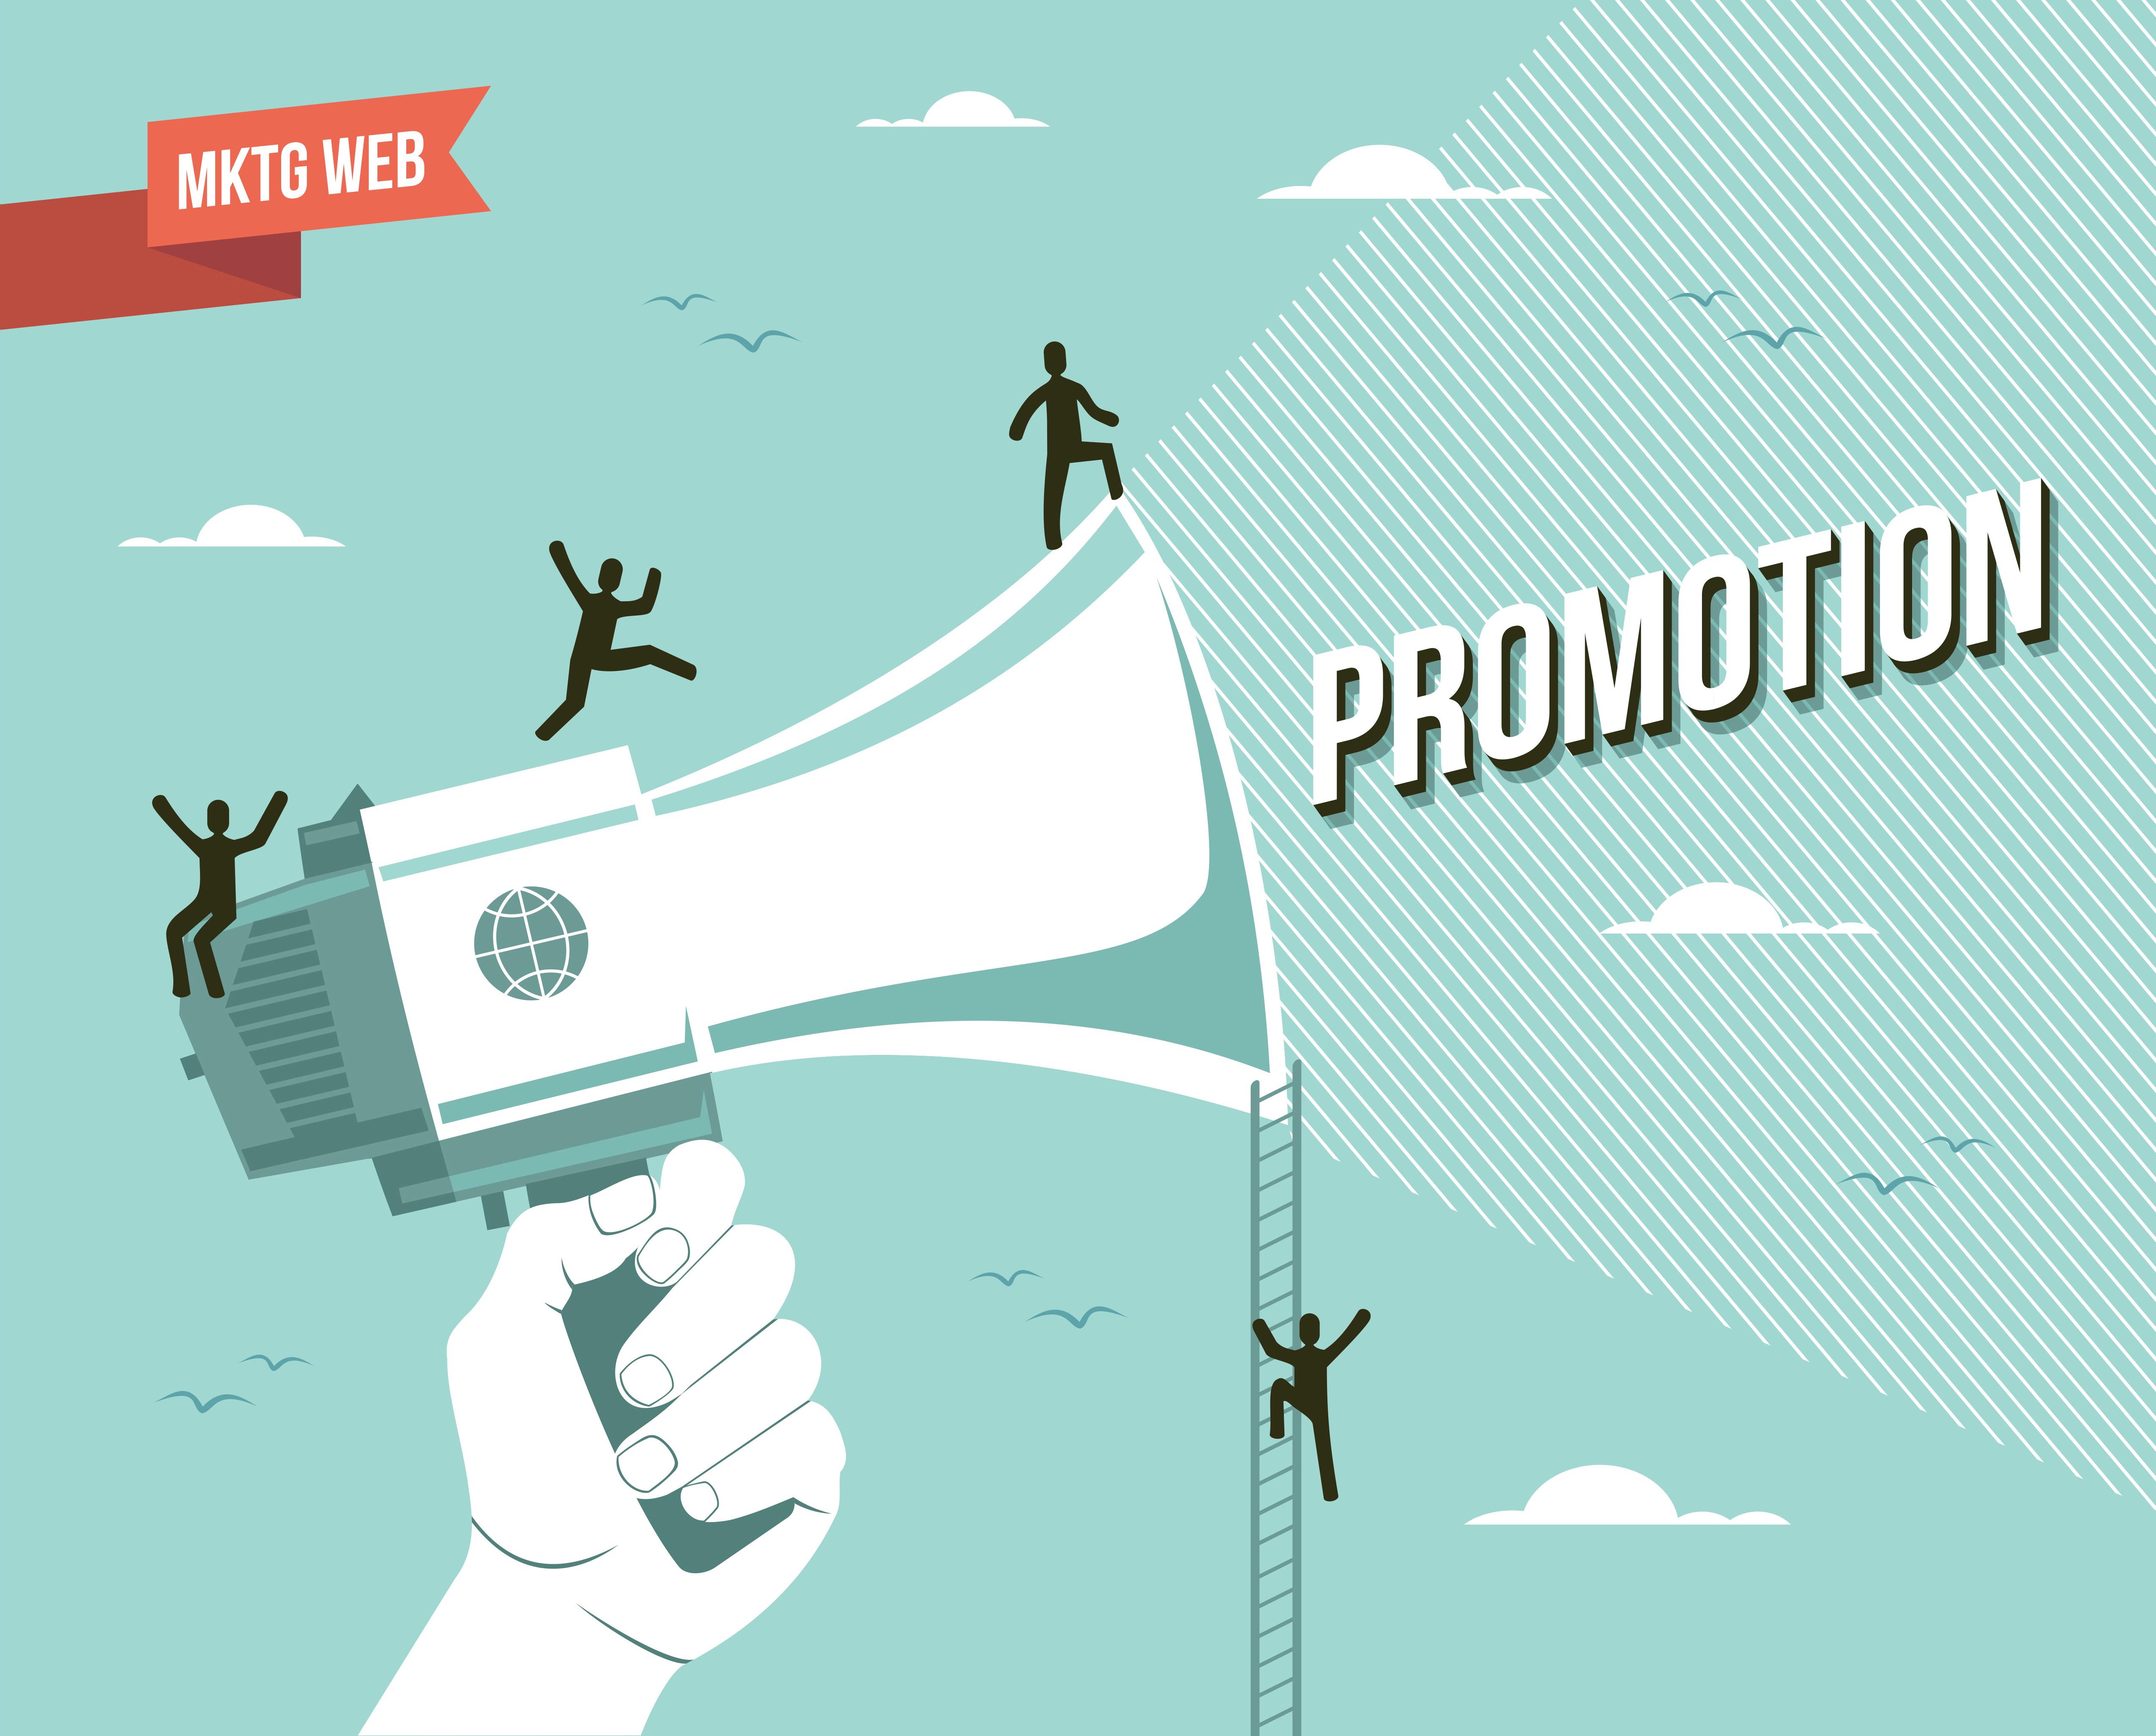 13 bons conseils pour prospecter et fidéliser + 4 outils pour vendre plus ! 38